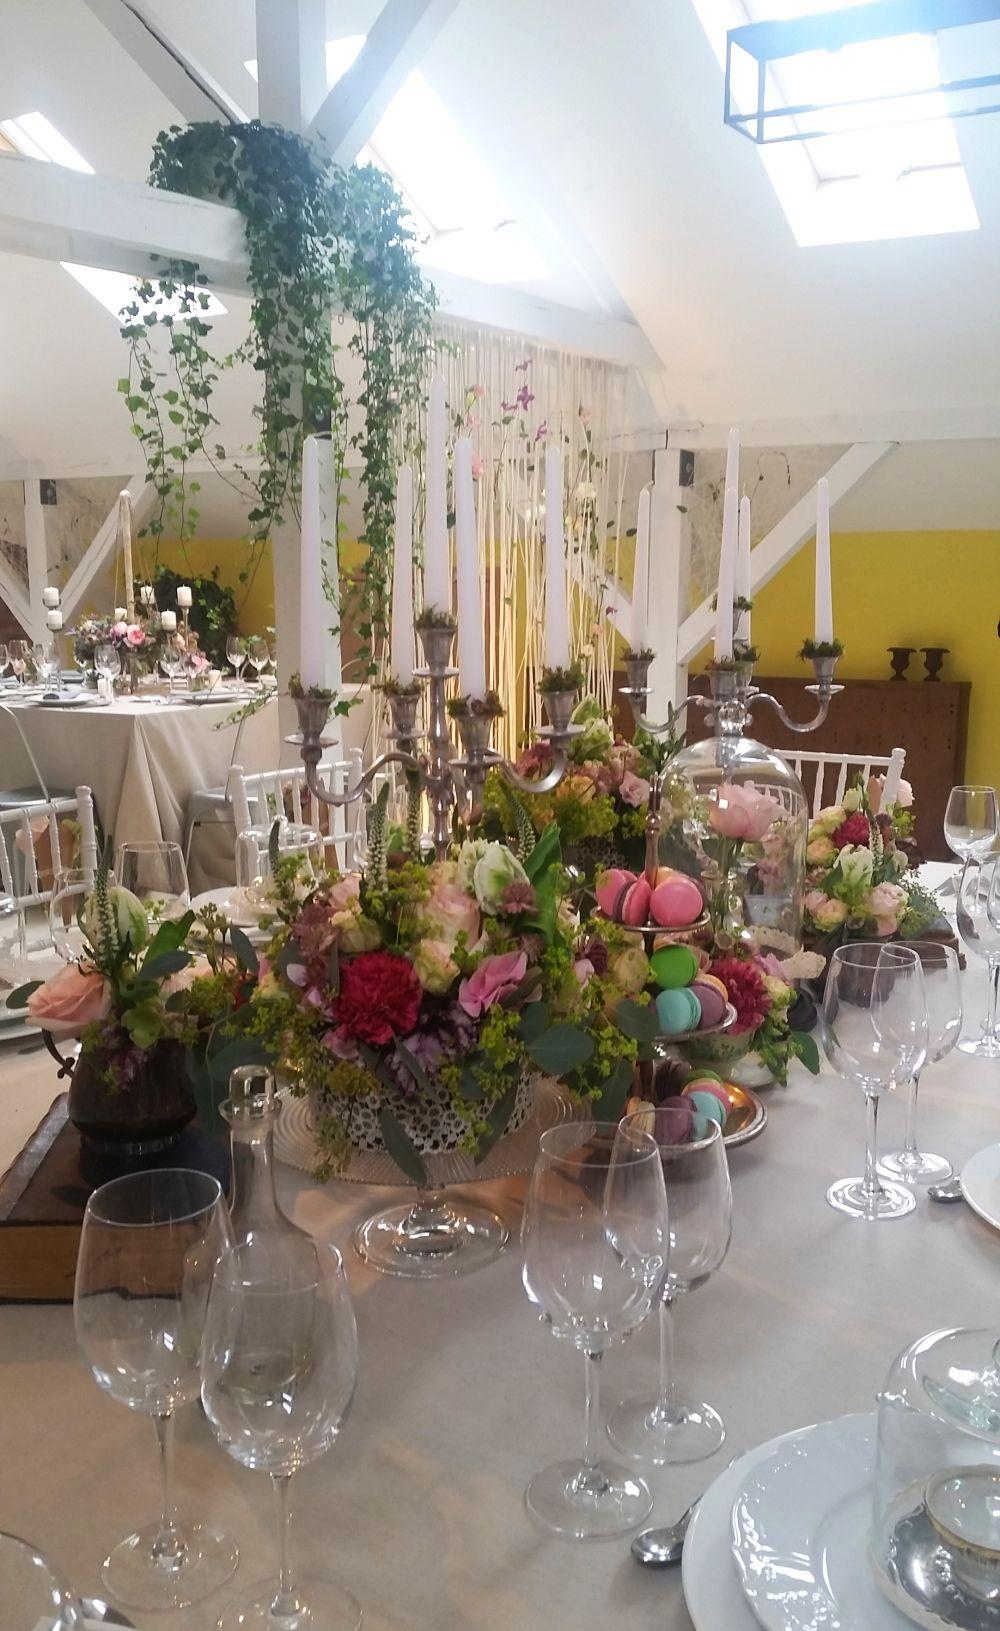 adelaparvu-com-despre-the-wedding-gallery-2016-floraria-iris-design-nicu-bocancea-25